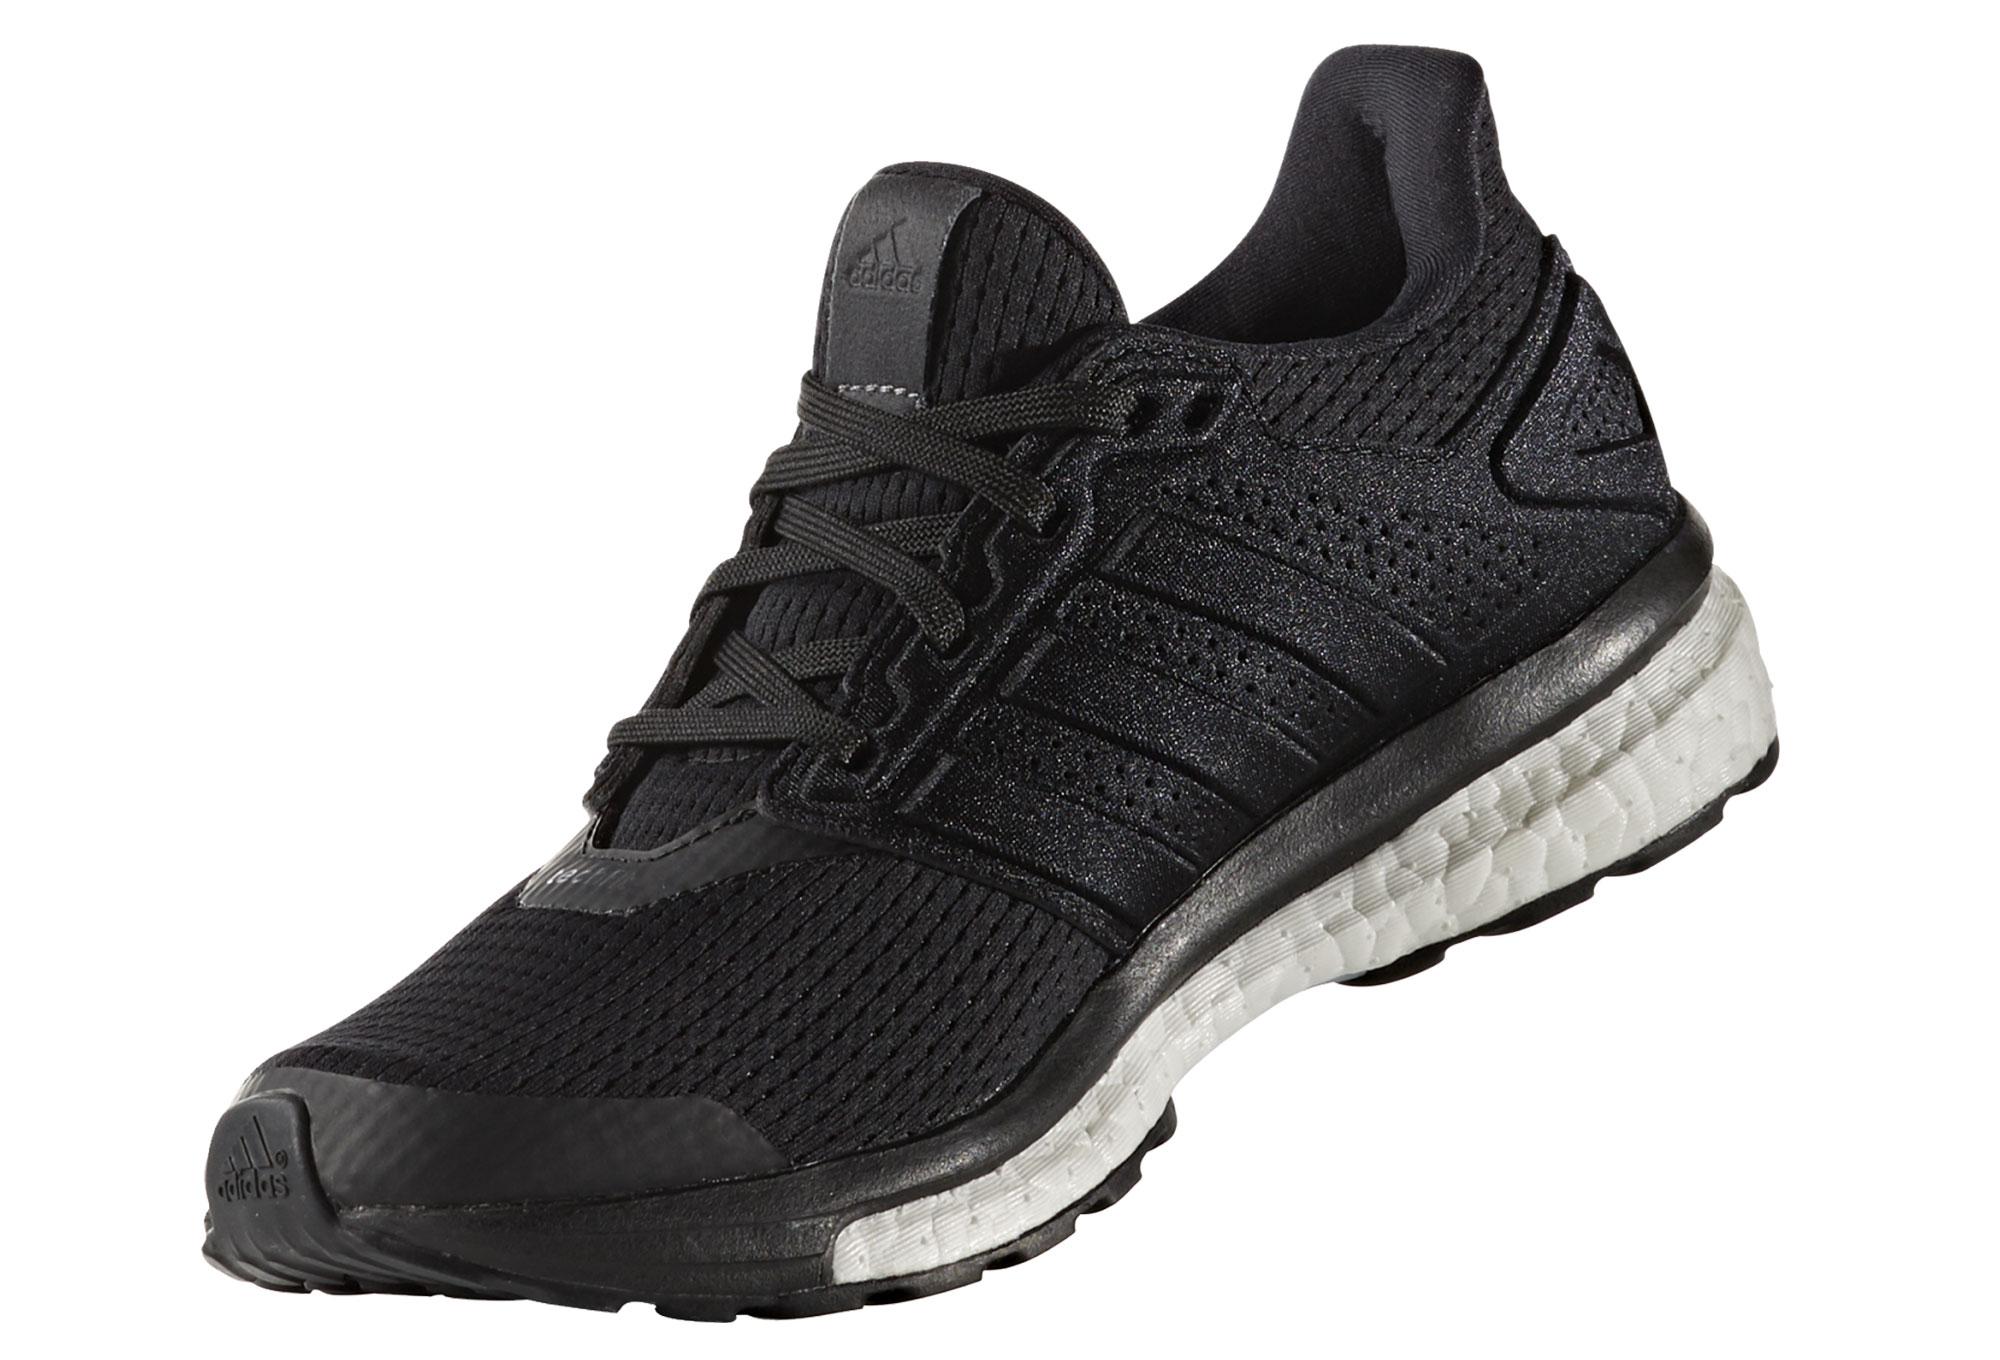 35a971bfe3480 Chaussures de Running Femme adidas running SUPERNOVA GLIDE 8 Noir ...